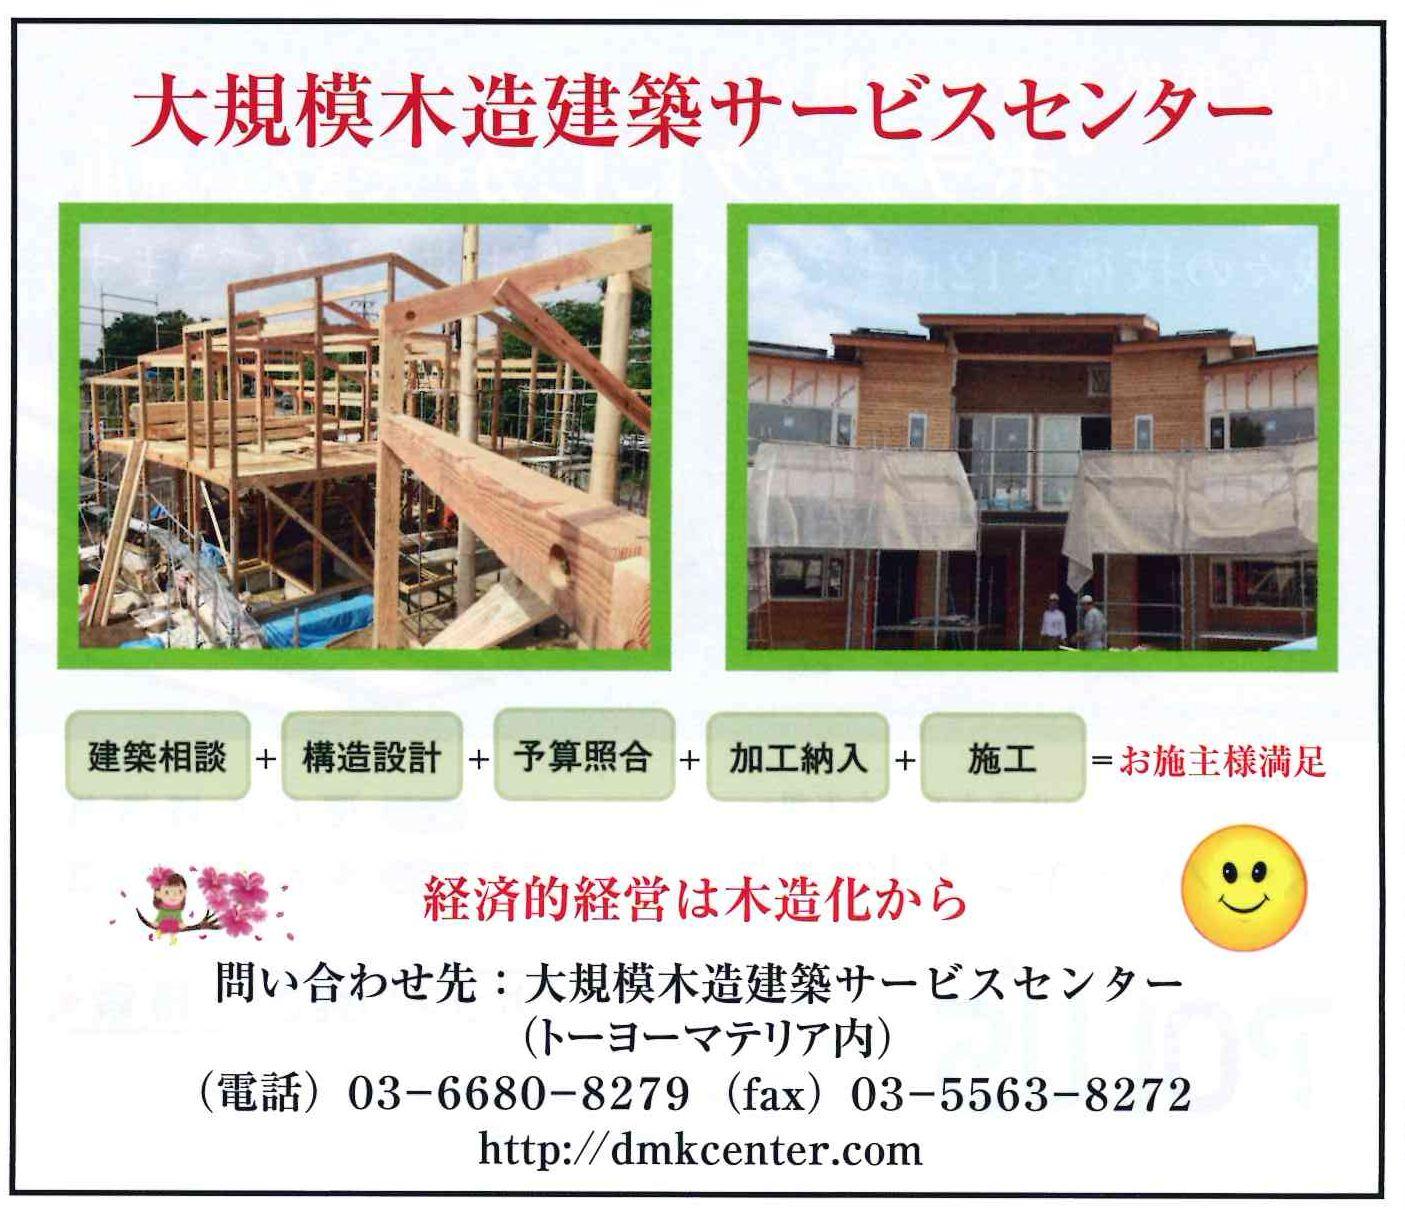 20150730日刊木材新聞-大規模木造建築サービスセンター広告